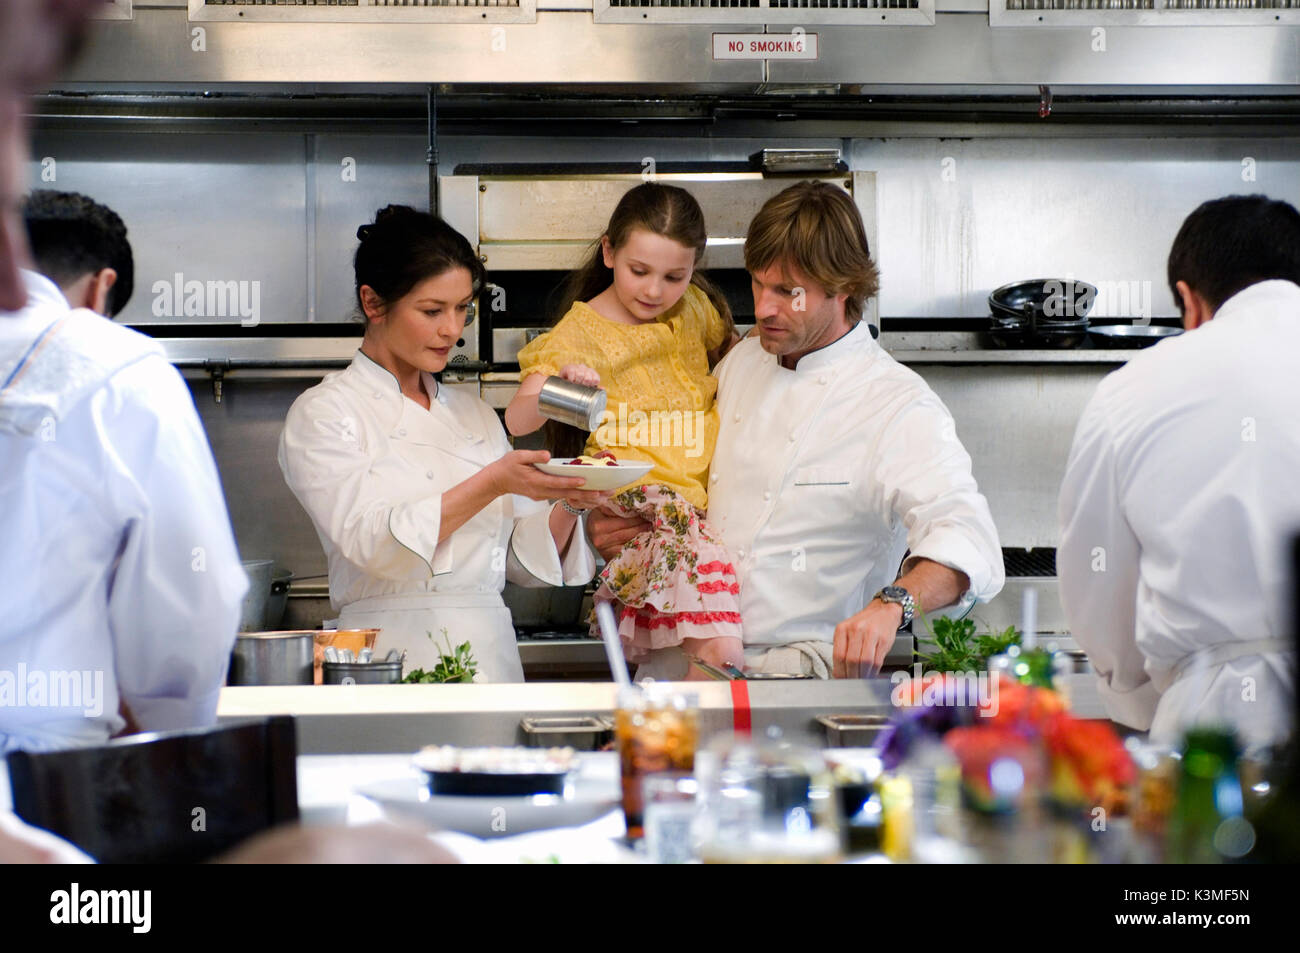 NO RESERVATIONS [US / AUS 2007] CATHERINE ZETA JONES, ABIGAIL BRESLIN, AARON ECKHART     Date: 2007 - Stock Image